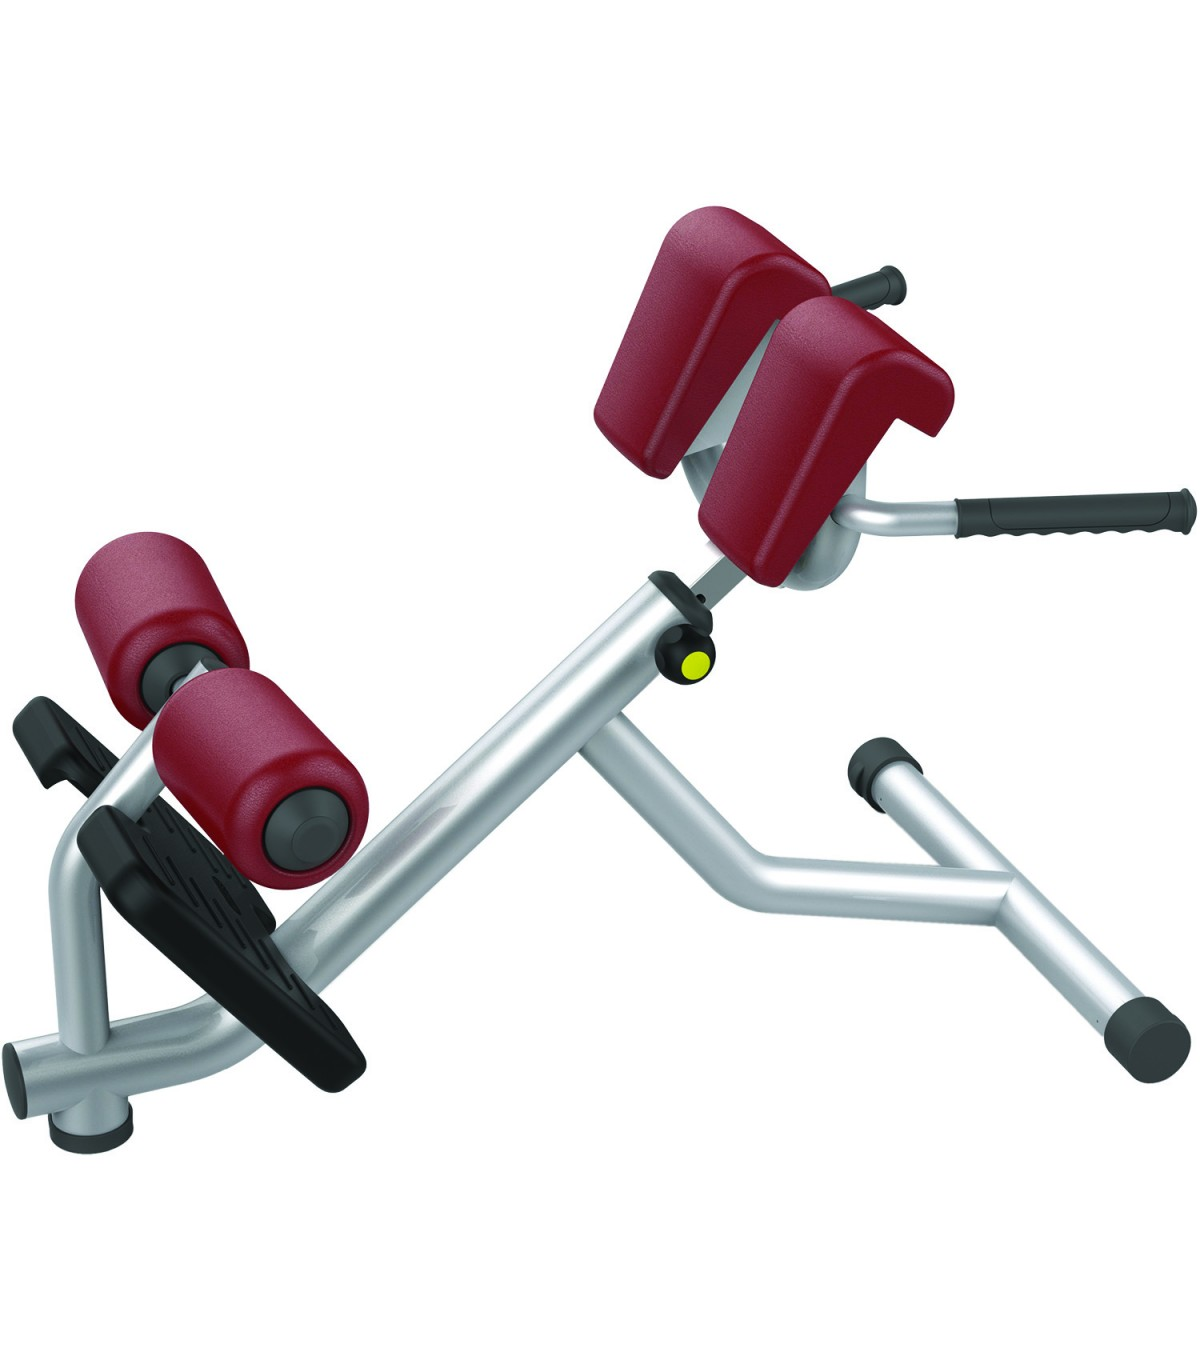 Banc De Musculation Professionnel Lombaire Incliné Care Fitness